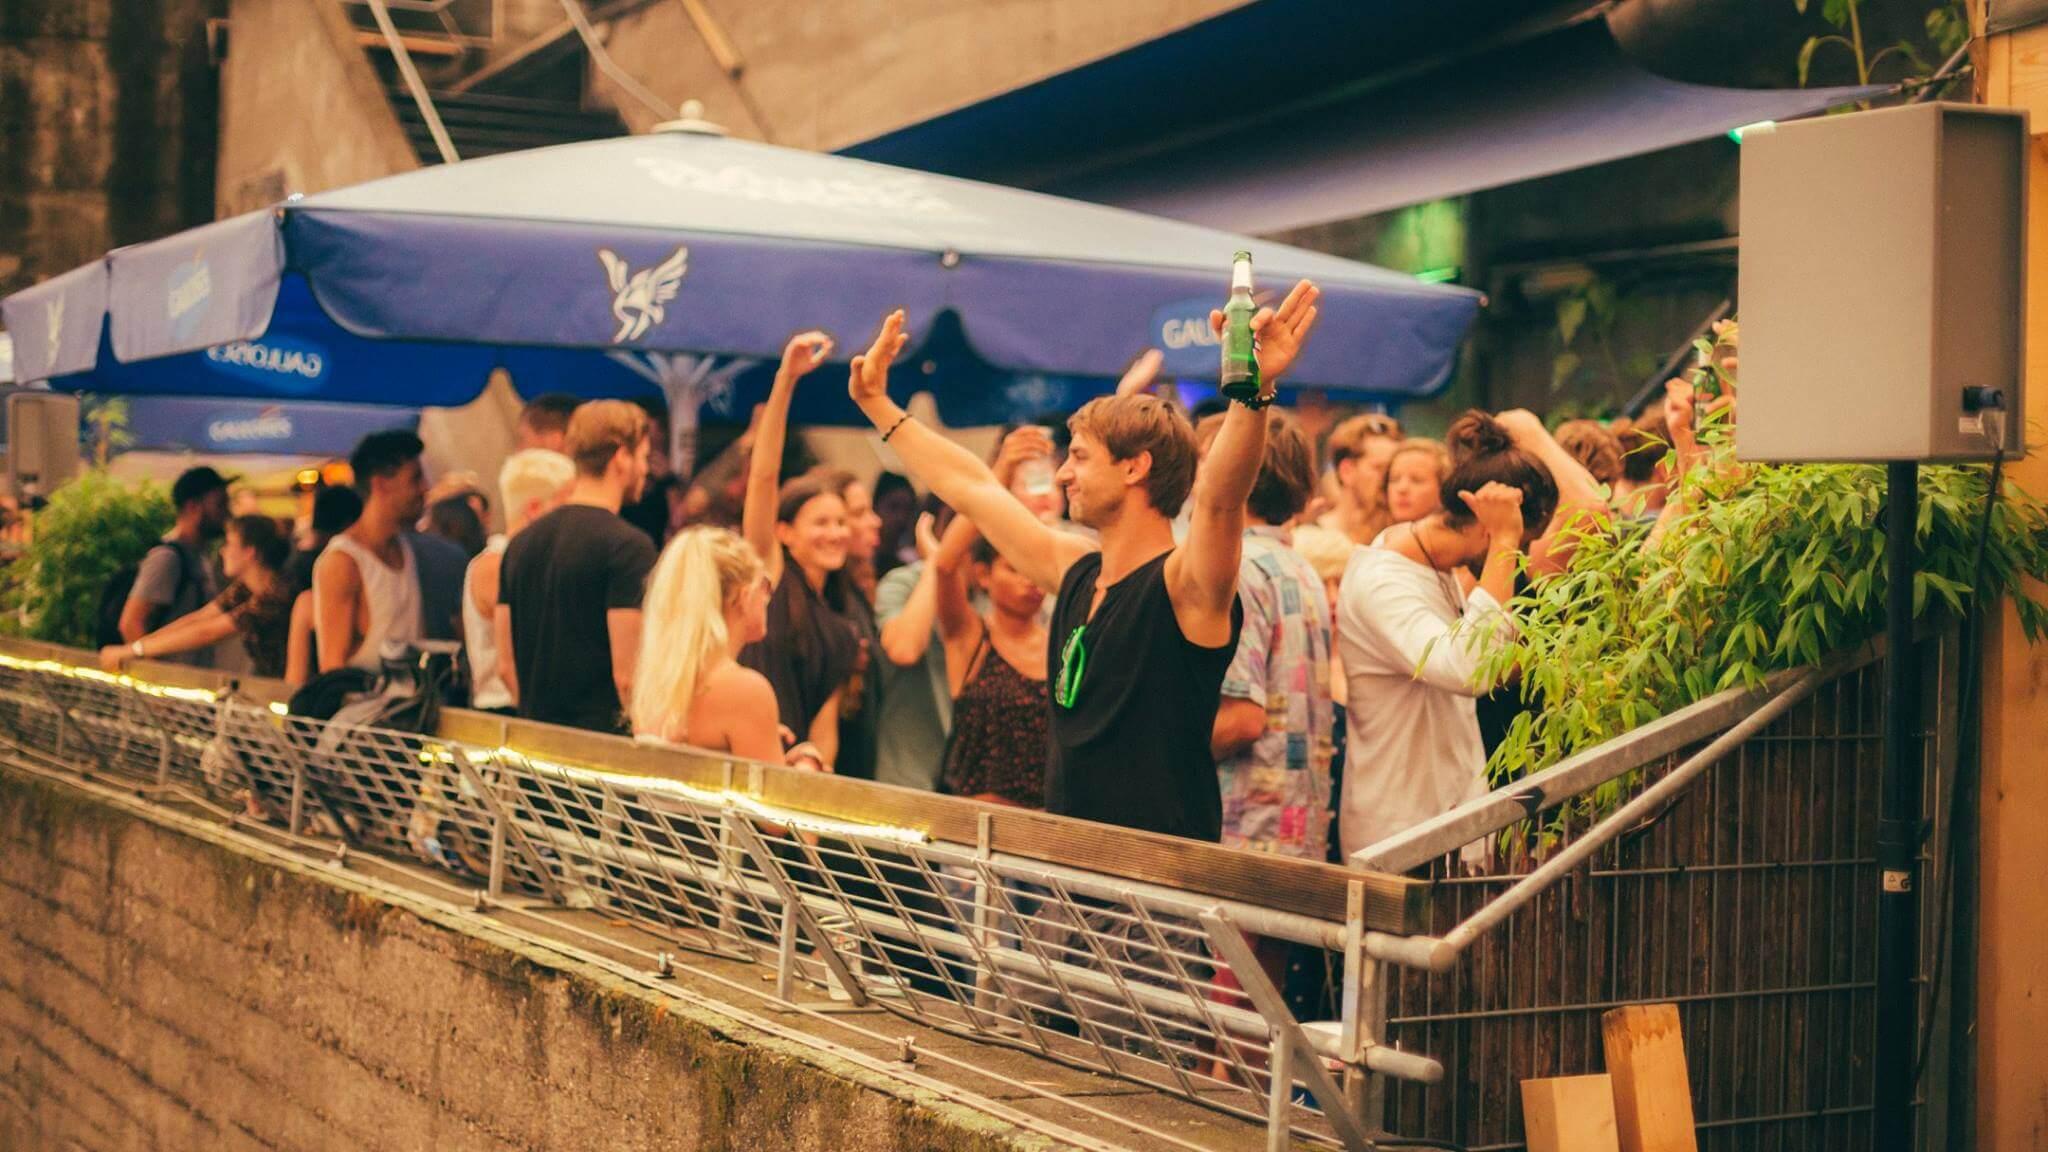 Bunker Rooftop Session #3 Mukke mit bester Aussicht auf ganz Hamburg: Komm, lass uns tanzen!